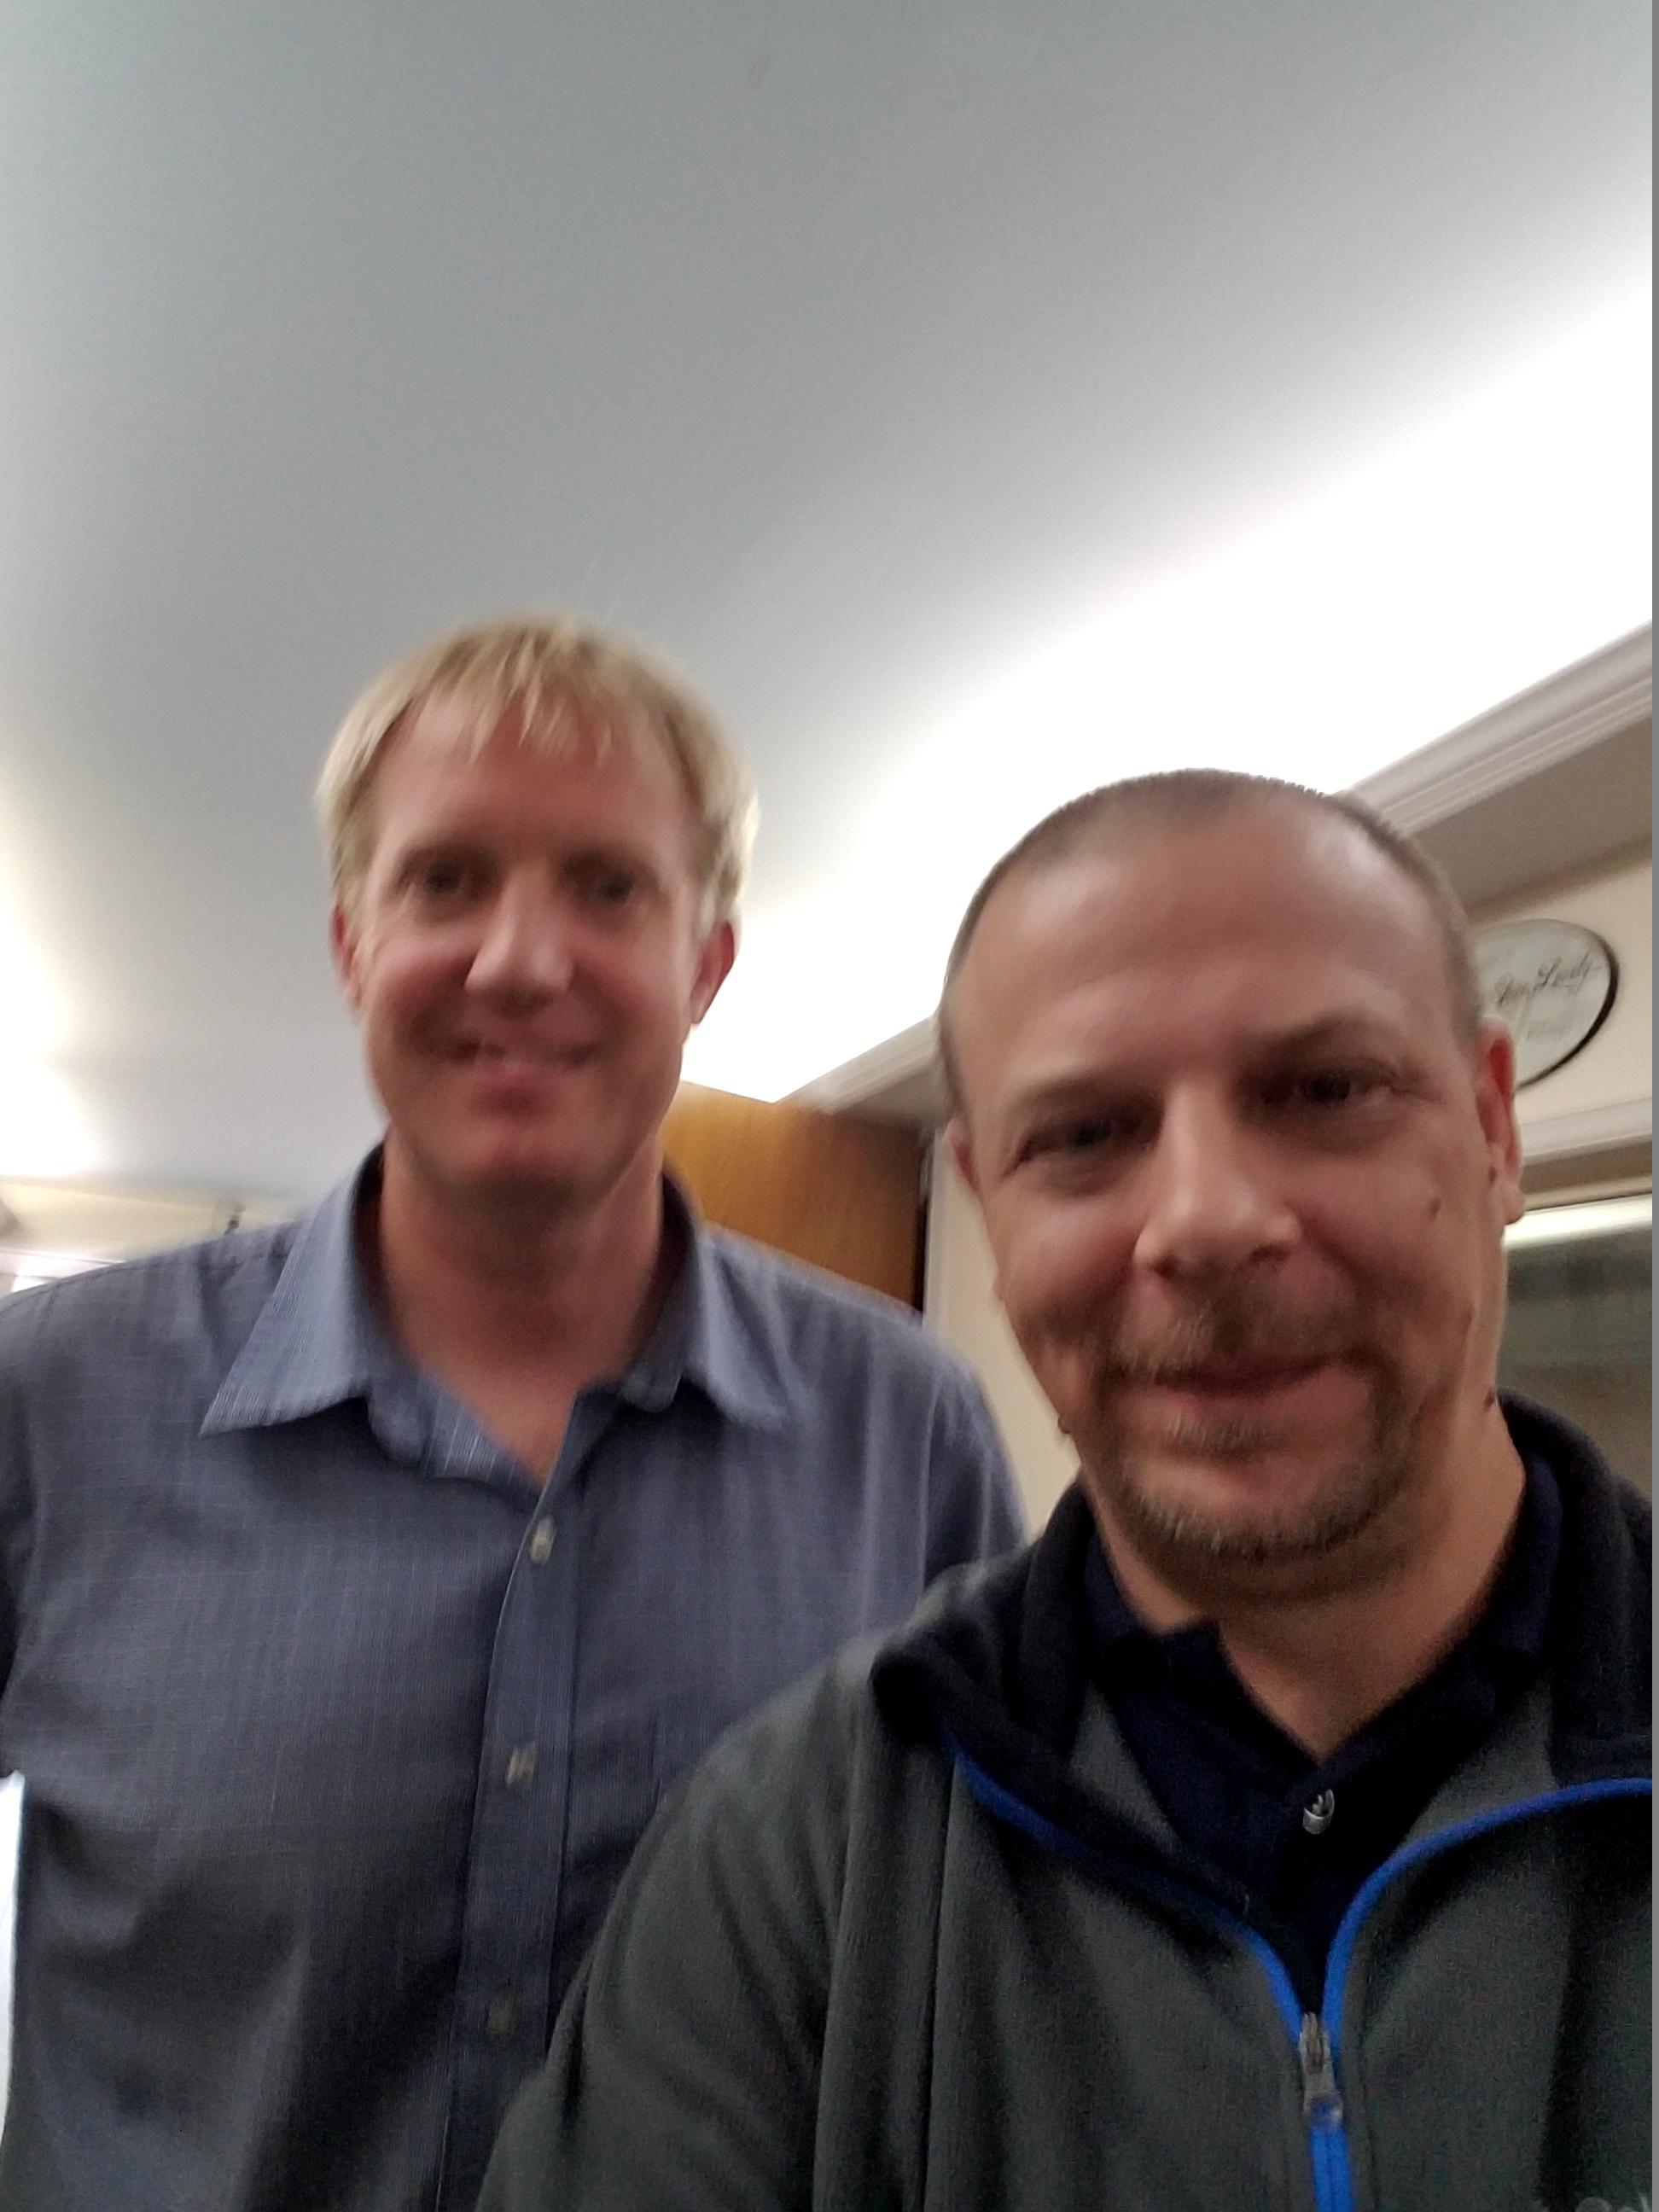 Chad and Doug Hamp